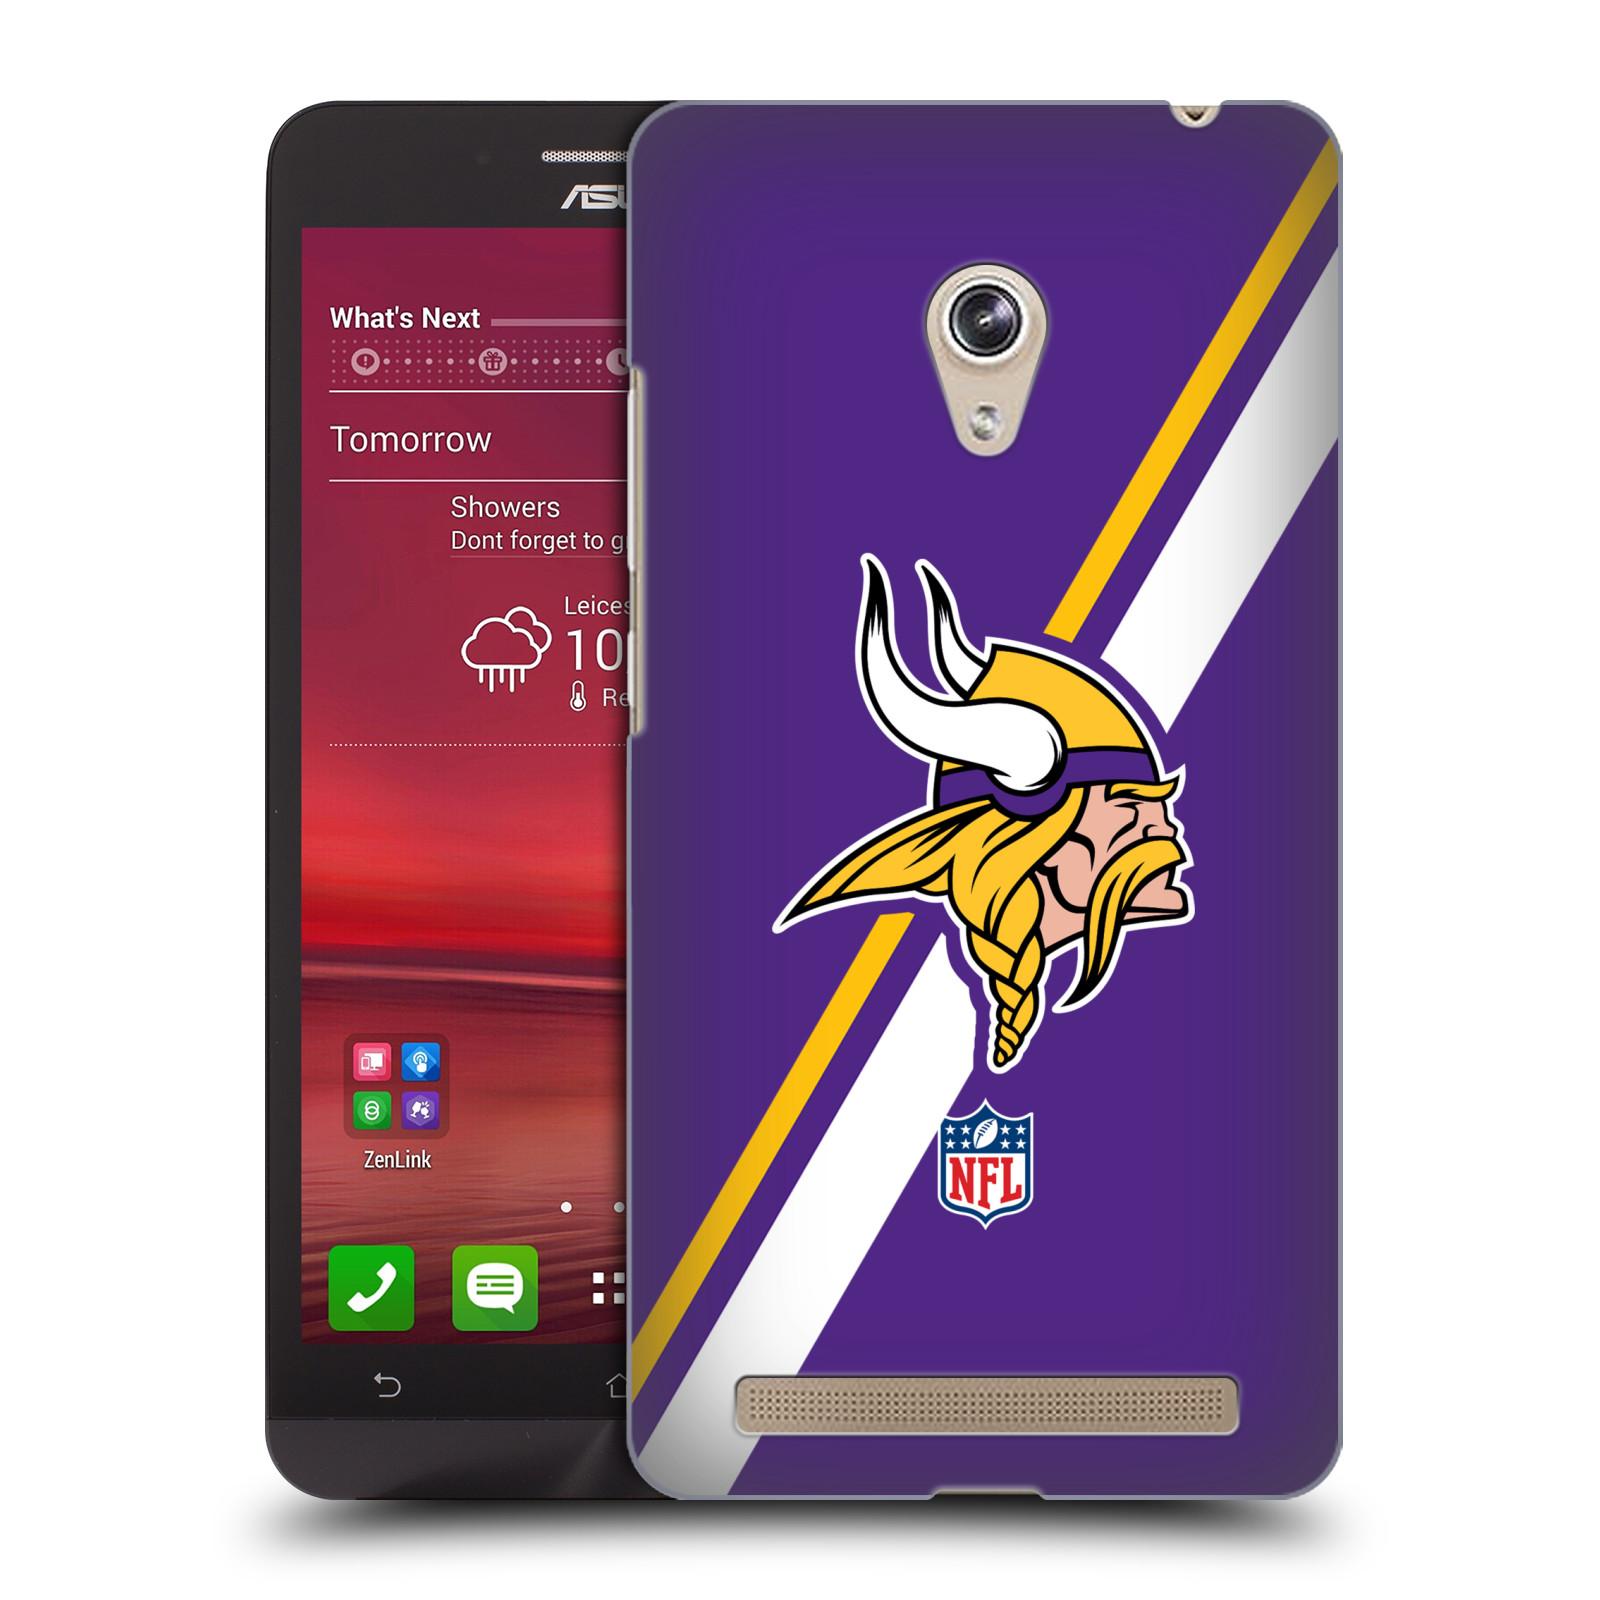 Plastové pouzdro na mobil Asus Zenfone 6 HEAD CASE NFL - Minnesota Vikings (Plastový kryt či obal na mobilní telefon licencovaným motivem NFL pro Asus Zenfone 6 A600CG / A601CG)